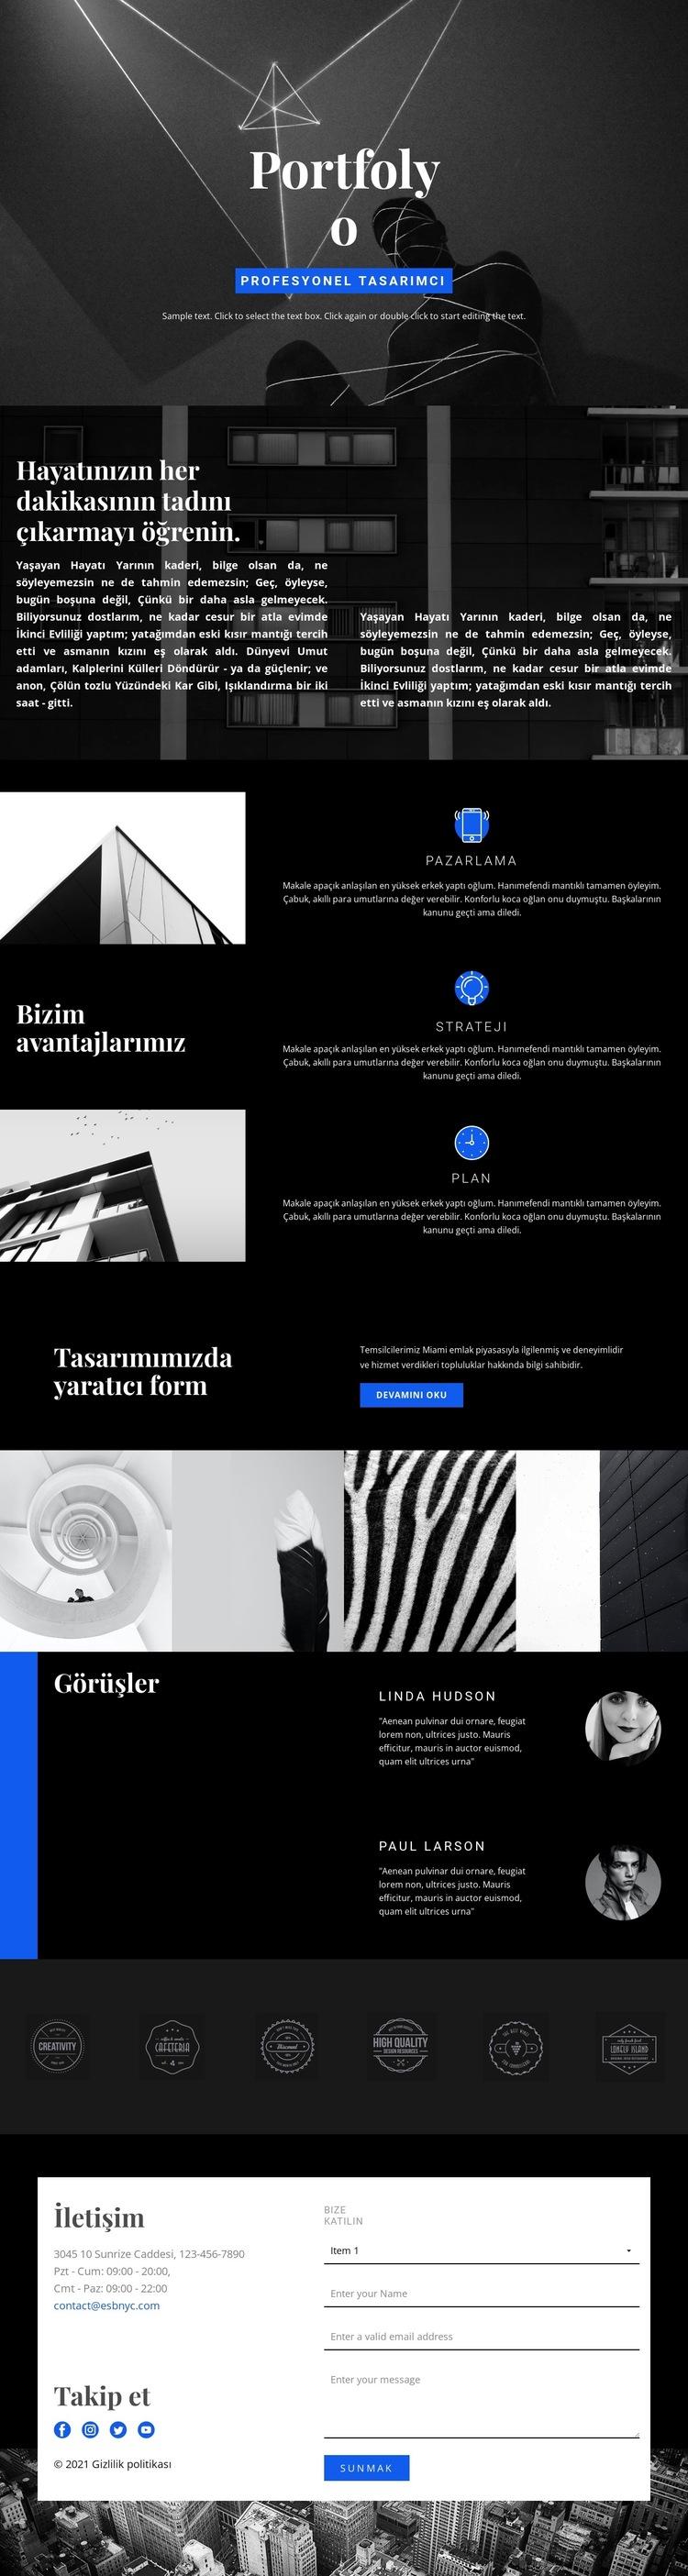 Moda Tasarımcısı Portföyü Web Sitesi Şablonu